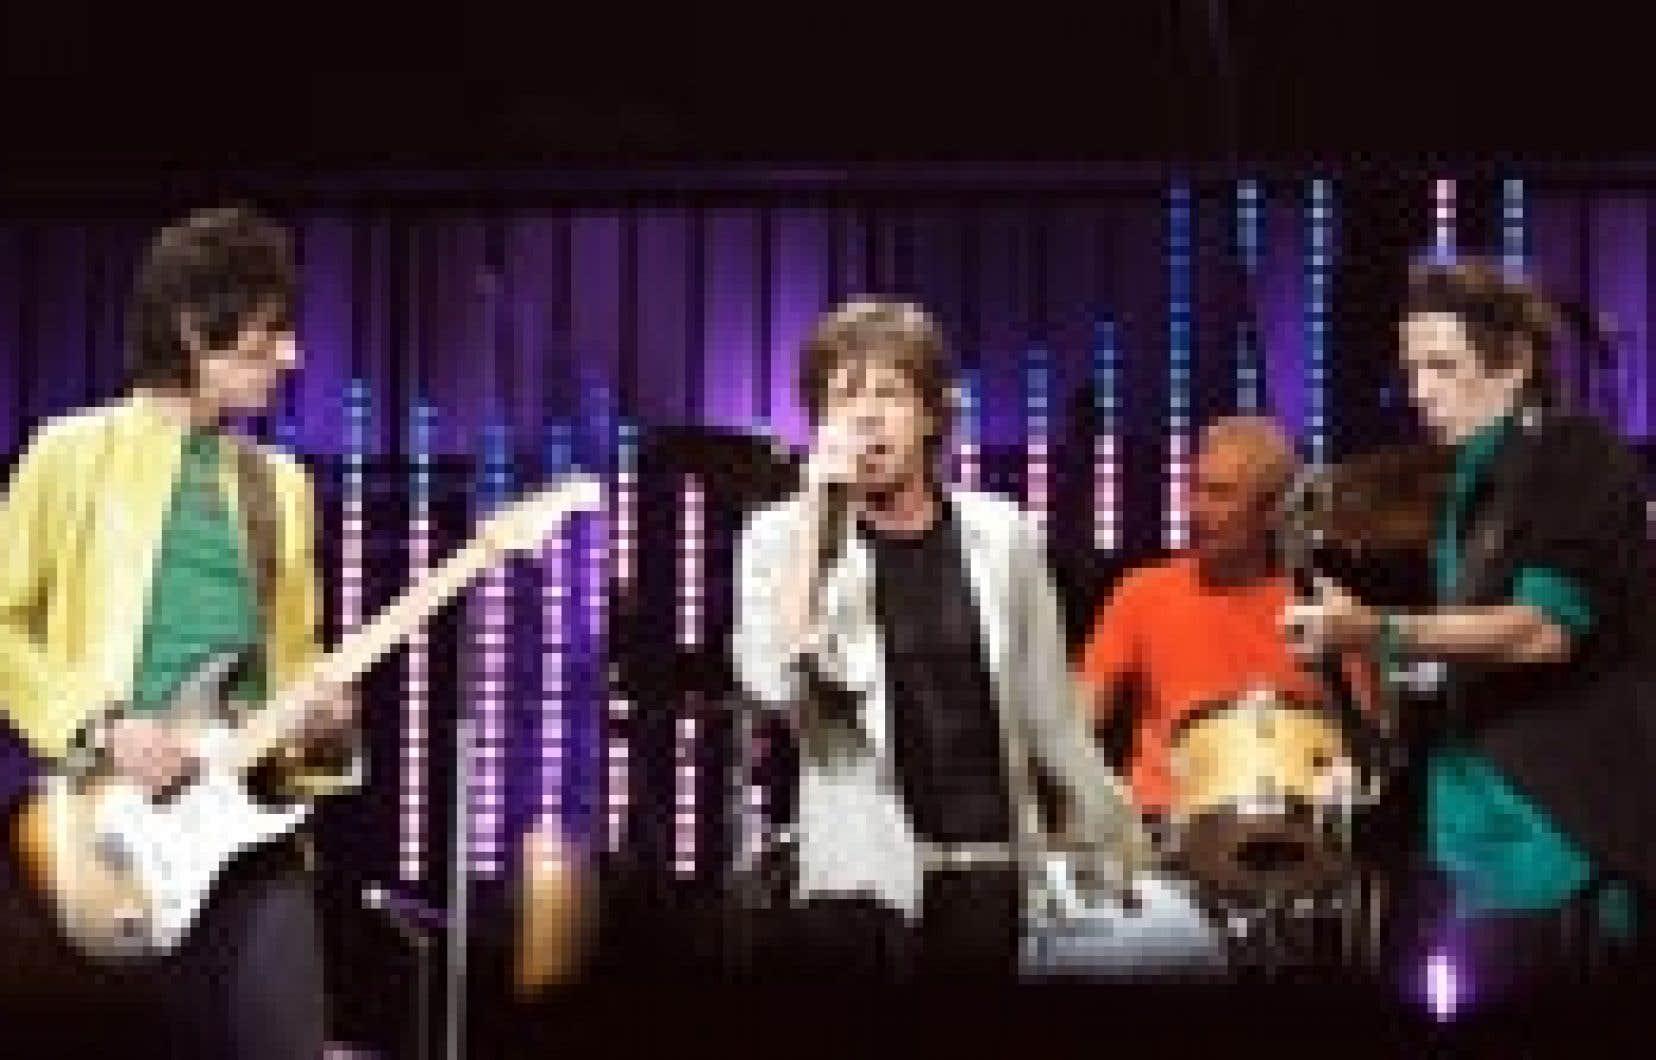 Les Rolling Stones n'auraient versé que 1,6 % de leurs revenus au fisc depuis deux décennies, affirme le journal britannique The Independent.